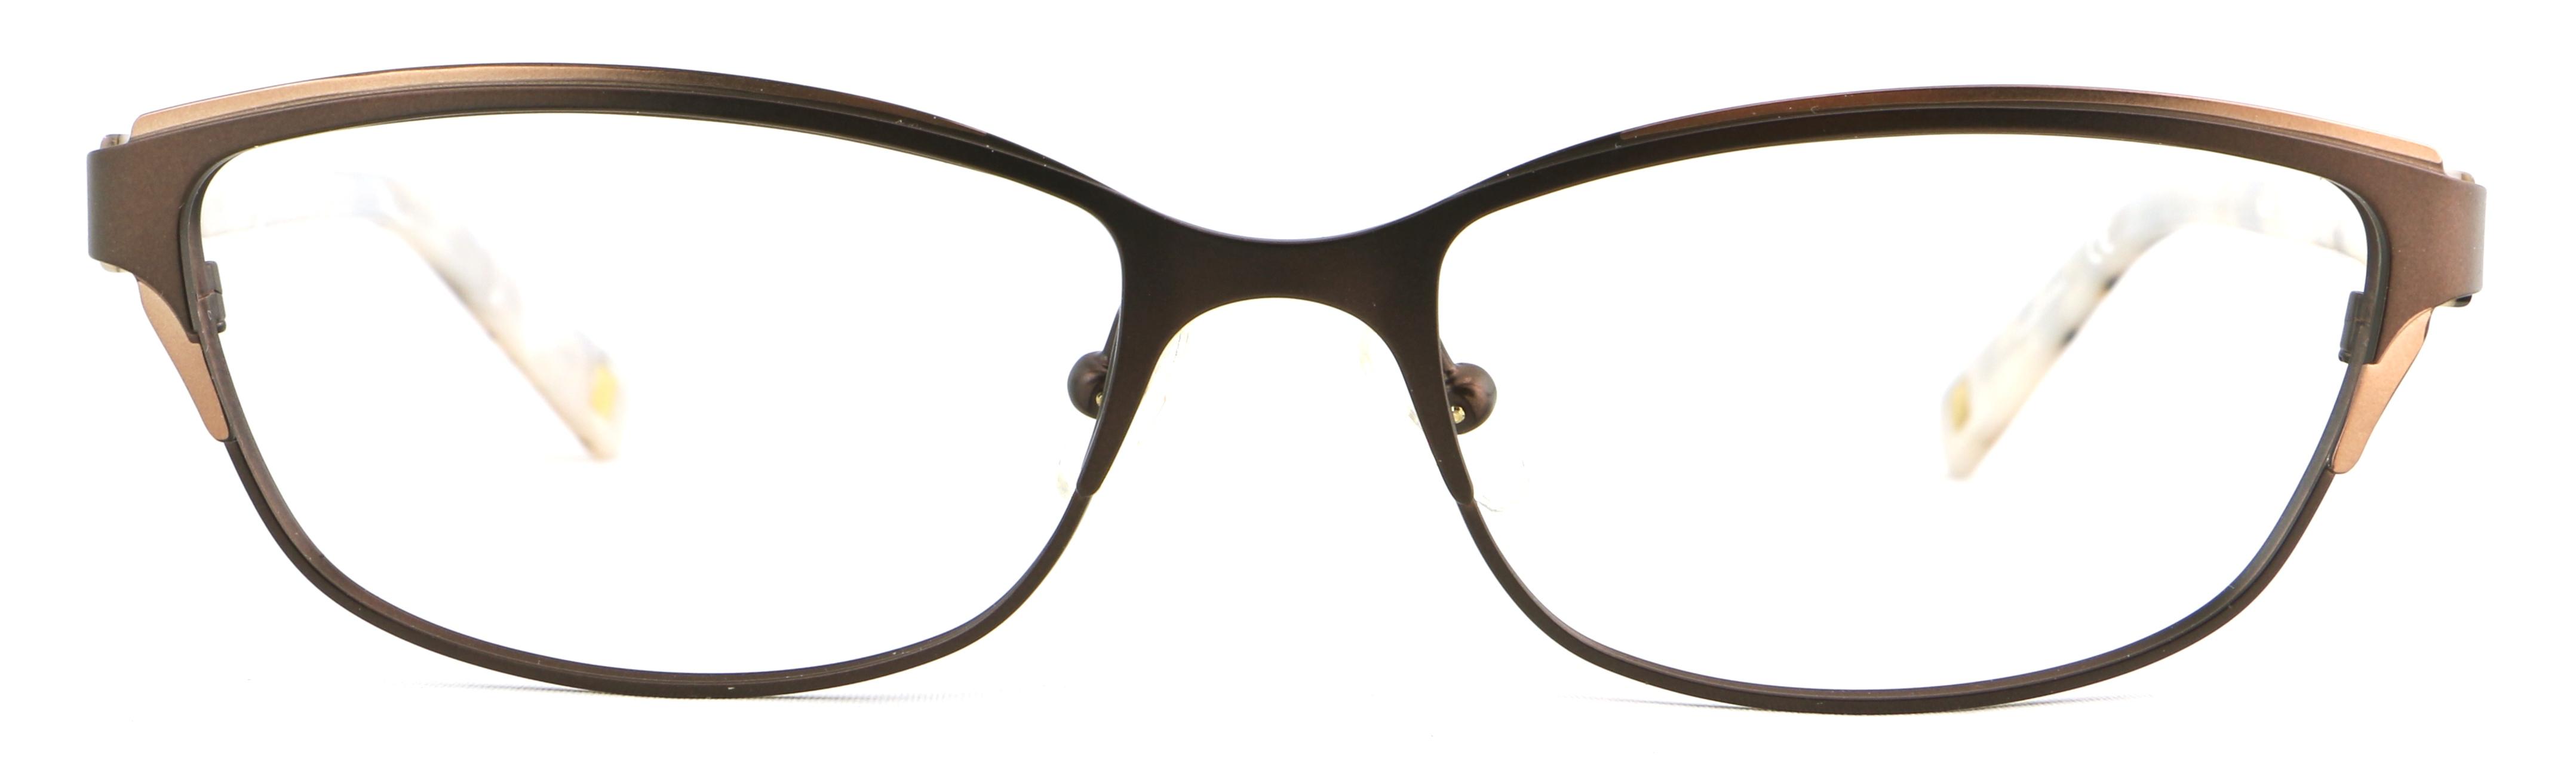 Marchon | Neve Eyeglass | Eyewear4less.com